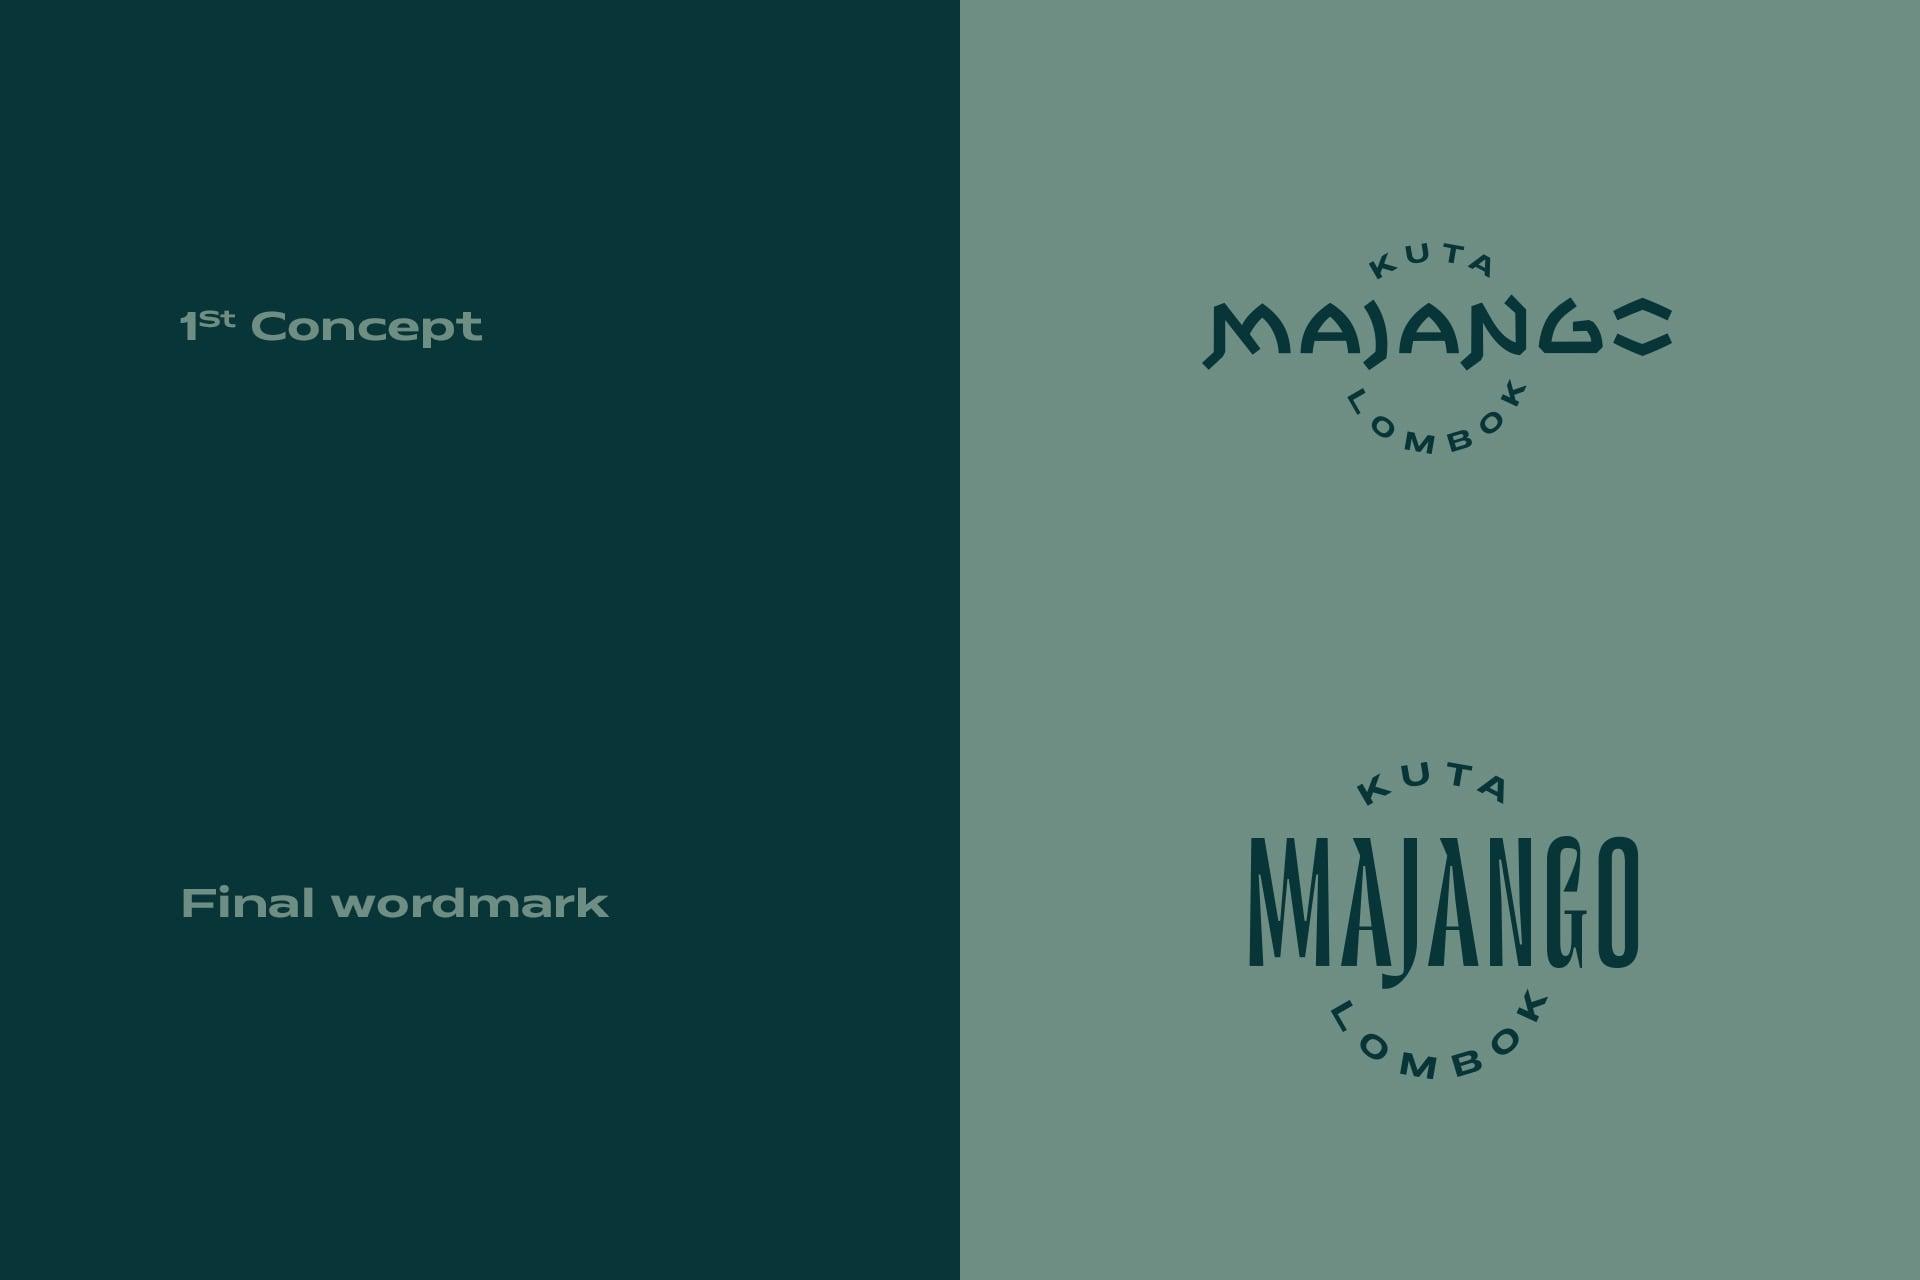 01-Majango2020-1920px_03